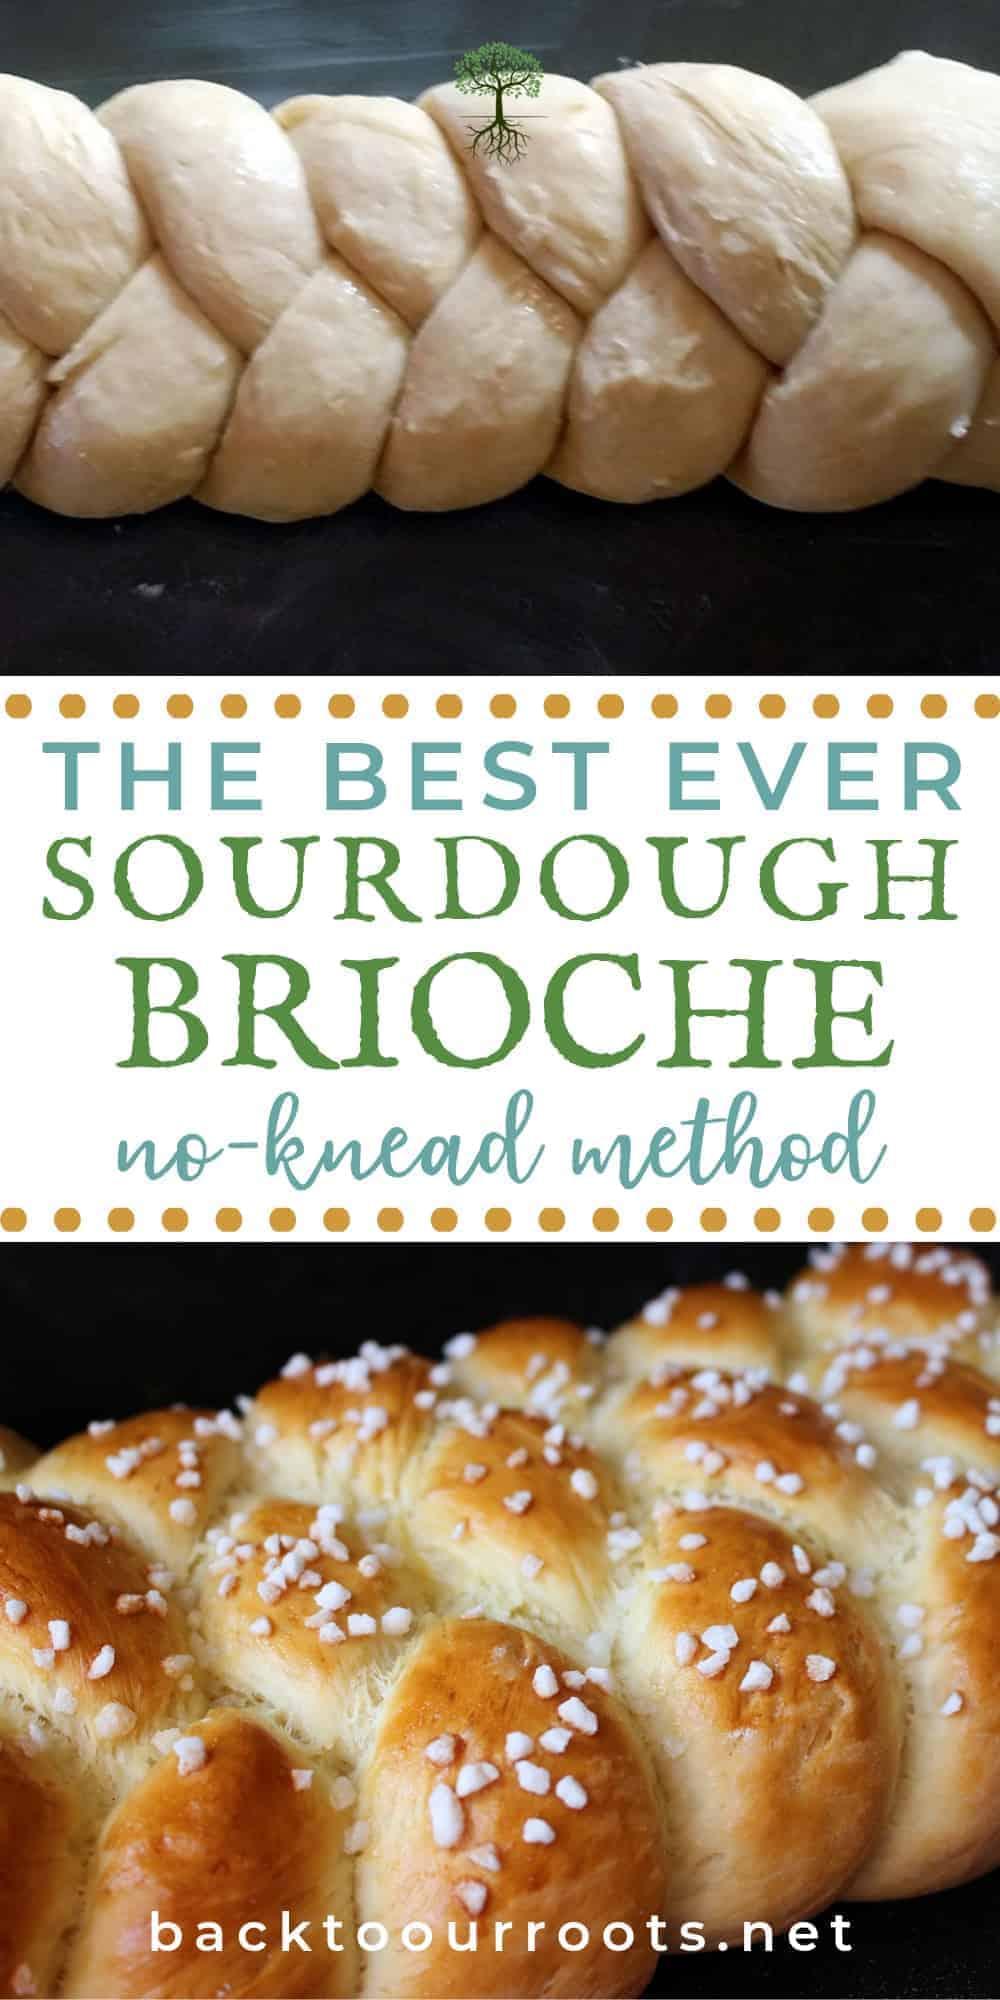 Rich & Buttery No-Knead Sourdough Brioche